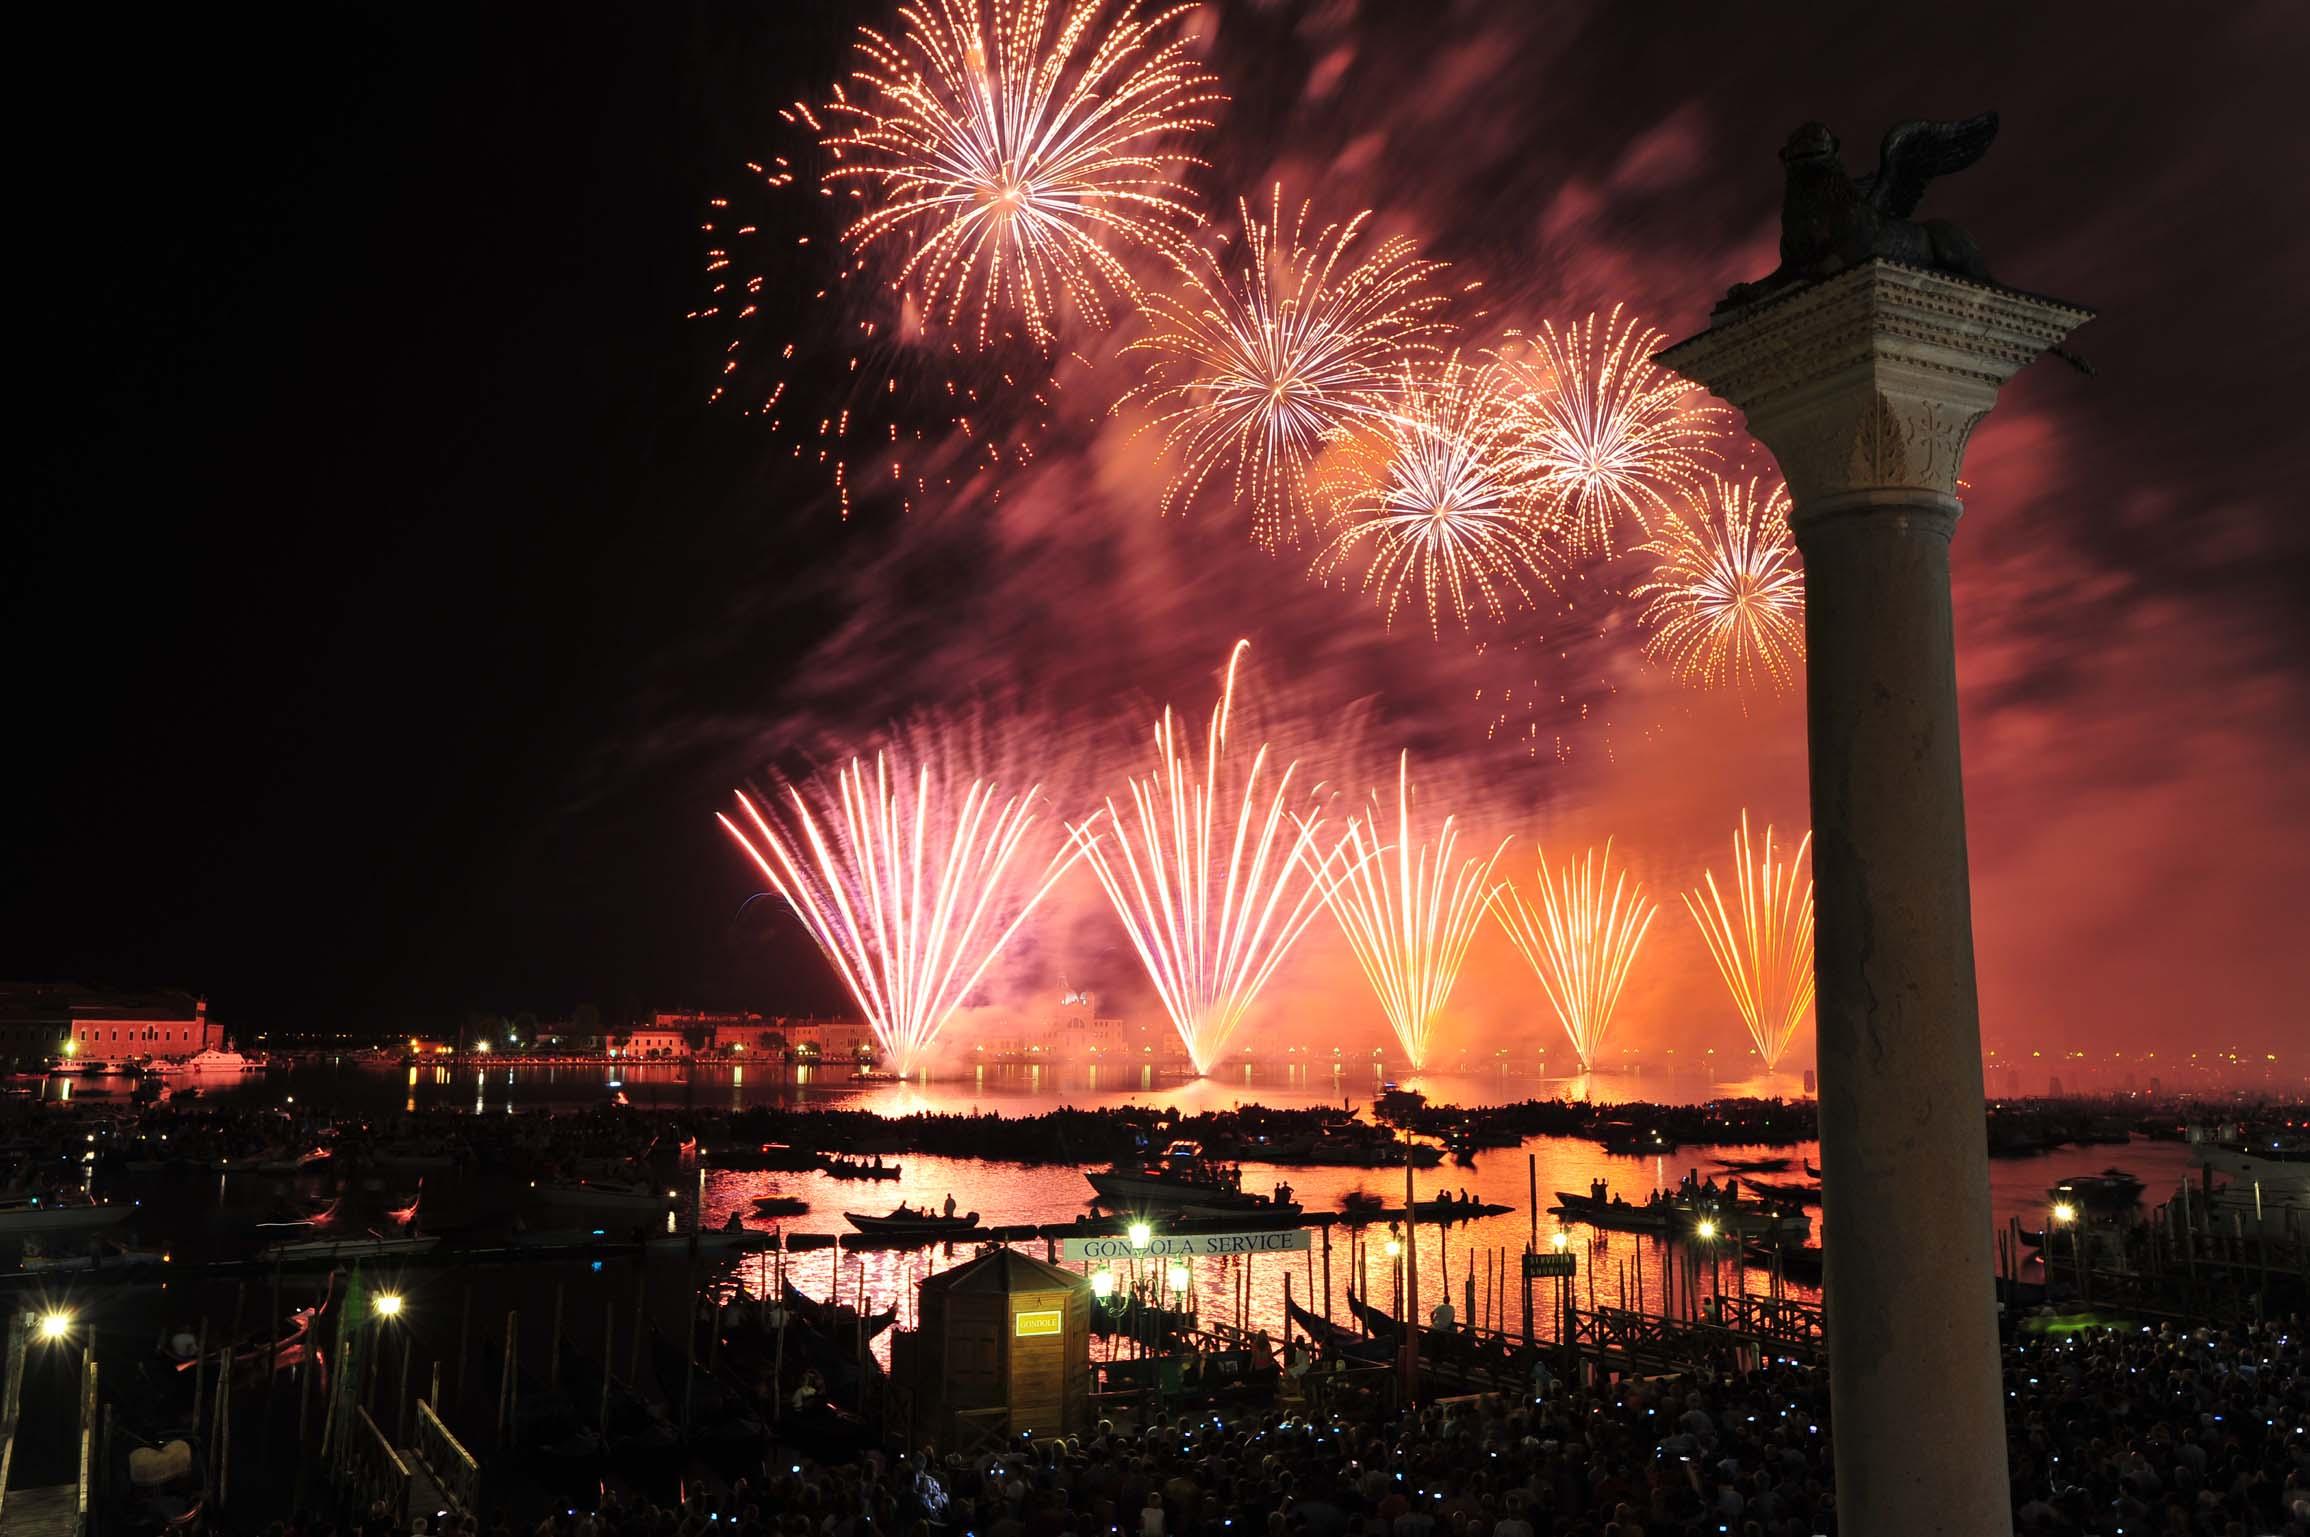 Capodanno: i fuochi d'artificio più belli del mondo - Venezia